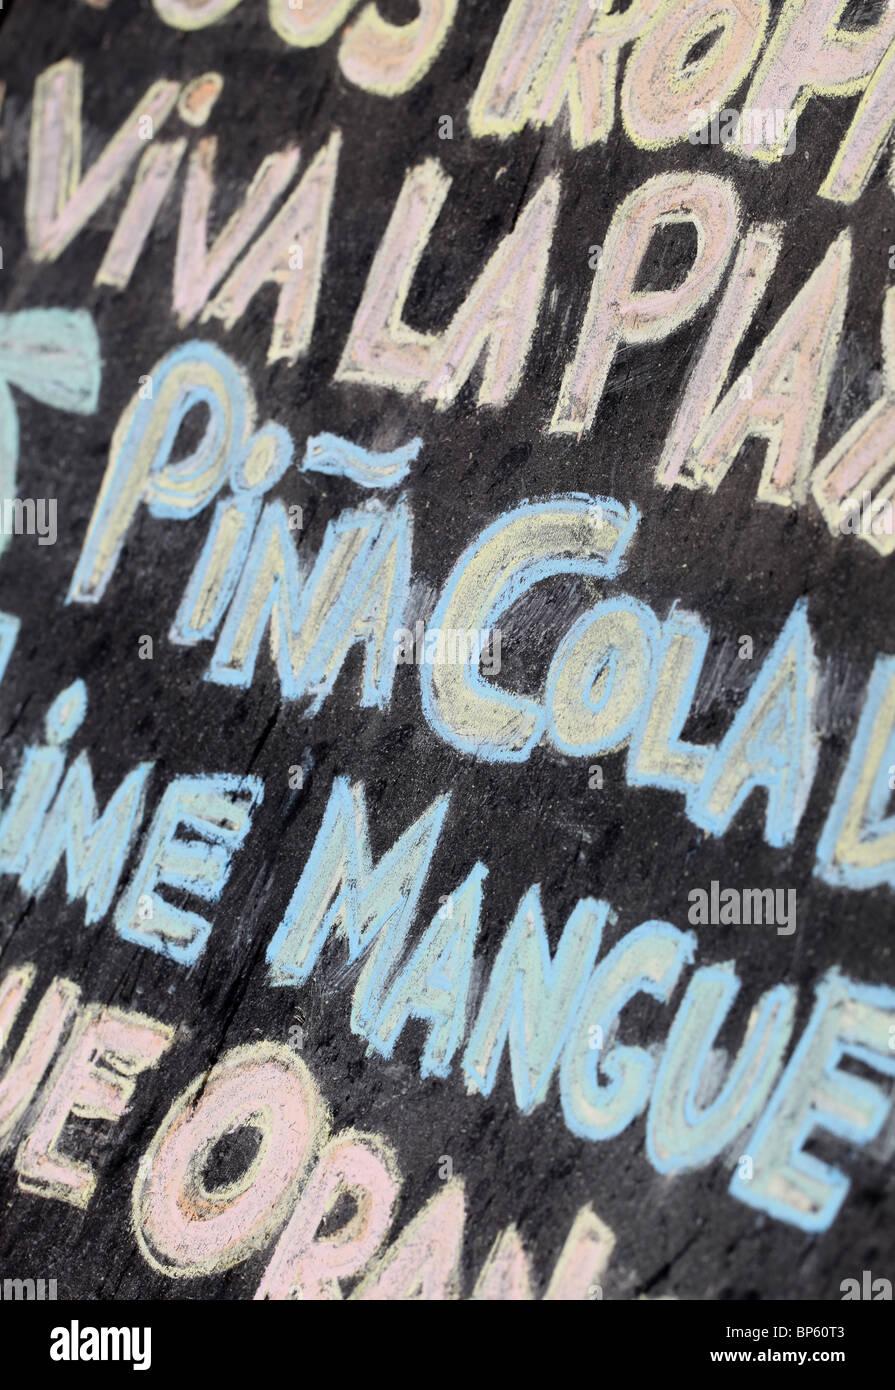 Grand verre spéciaux mots écrits à la craie de couleur sur un tableau noir Photo Stock